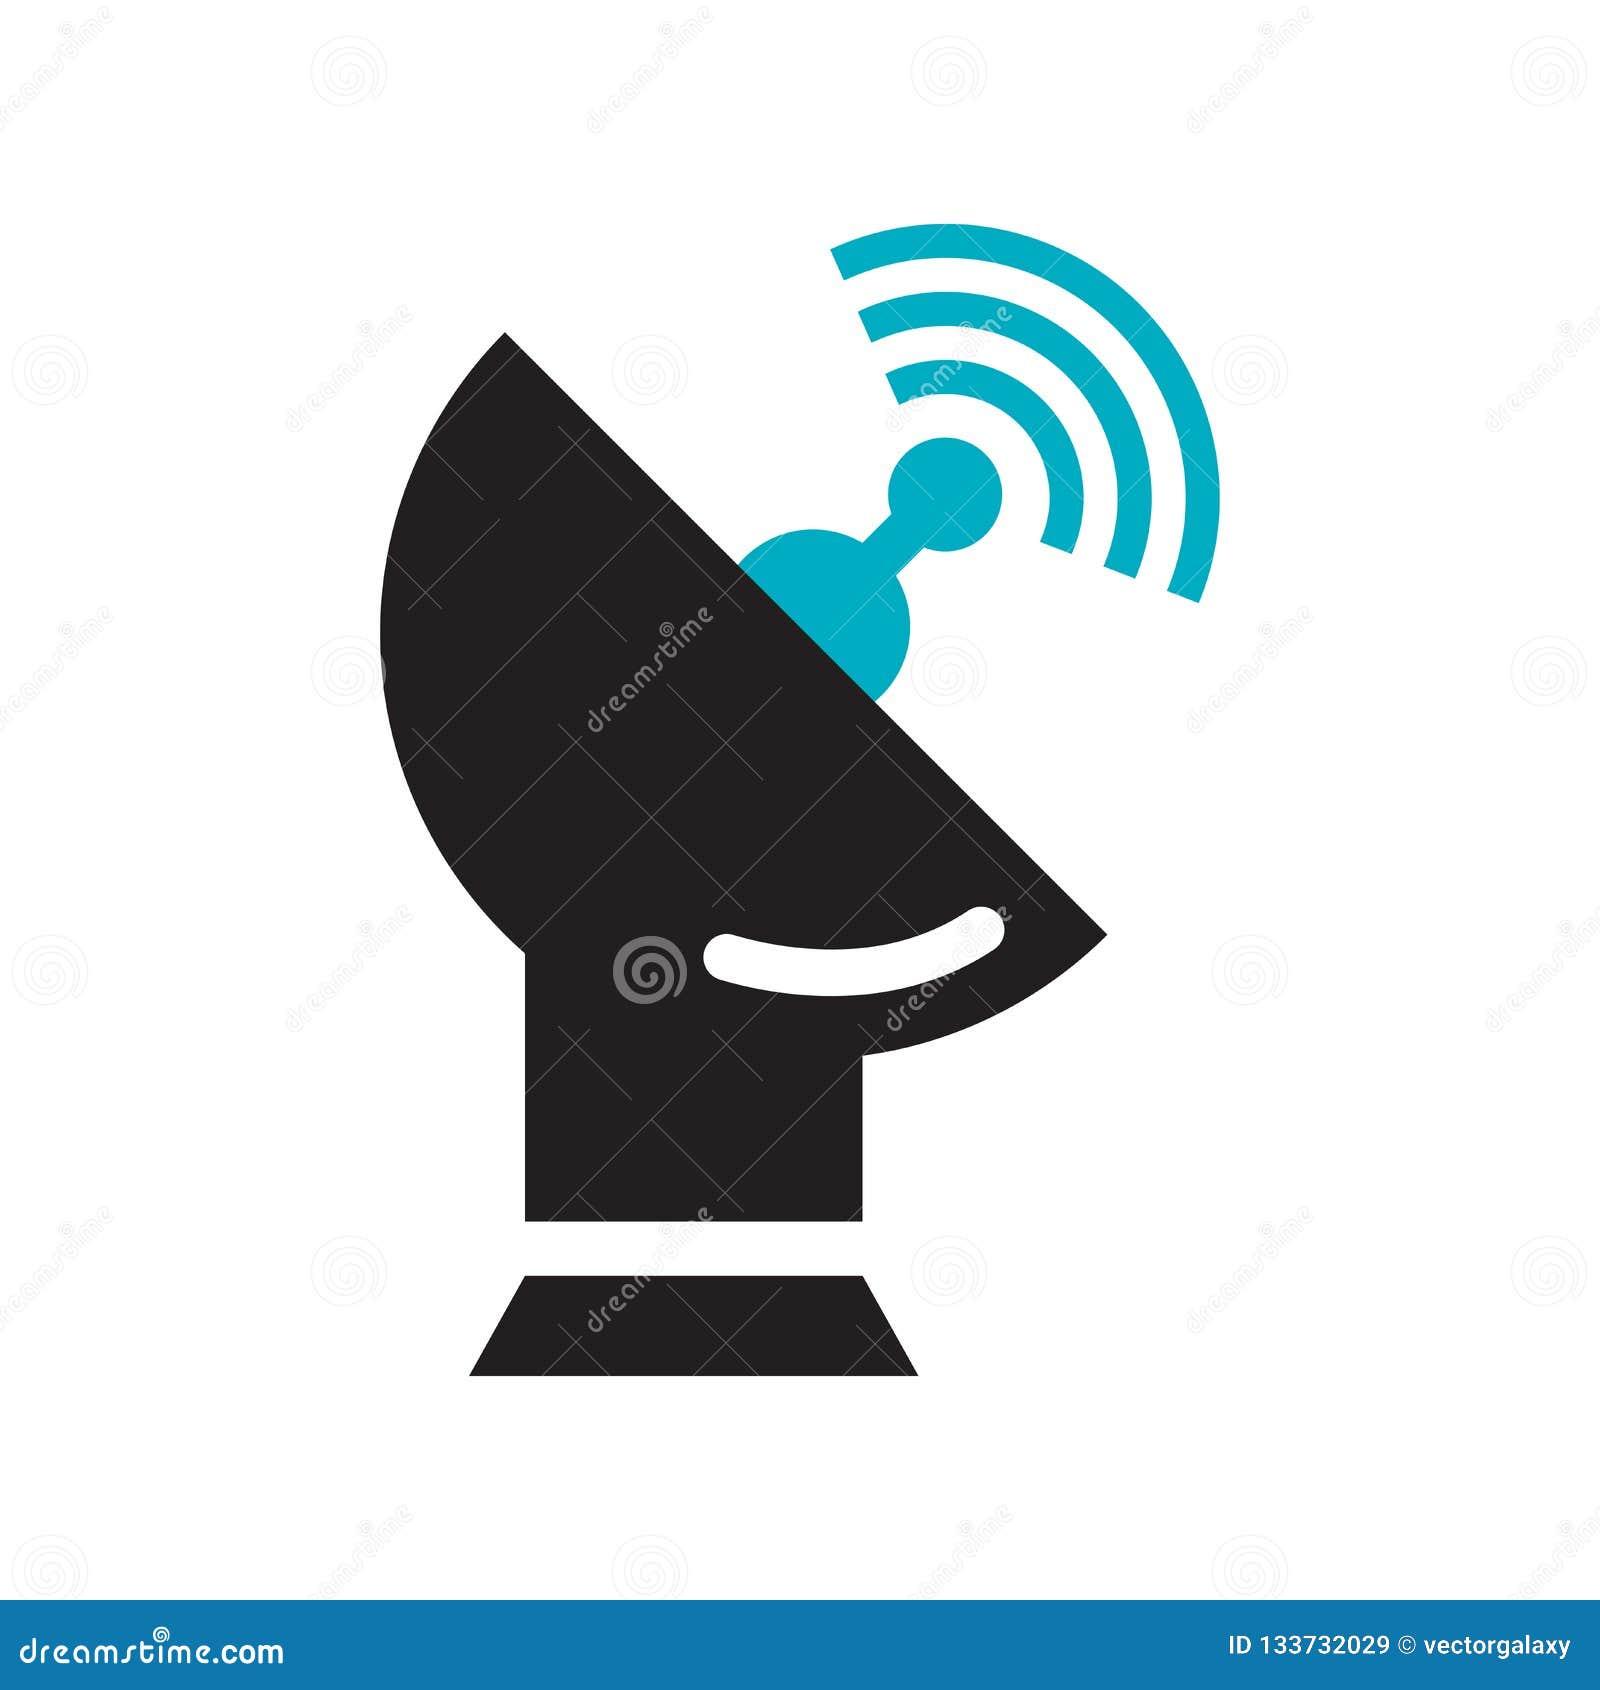 Satellitenantennen-Ikonenvektorzeichen und -symbol lokalisiert auf weißem Hintergrund, Satellitenantennen-Logokonzept